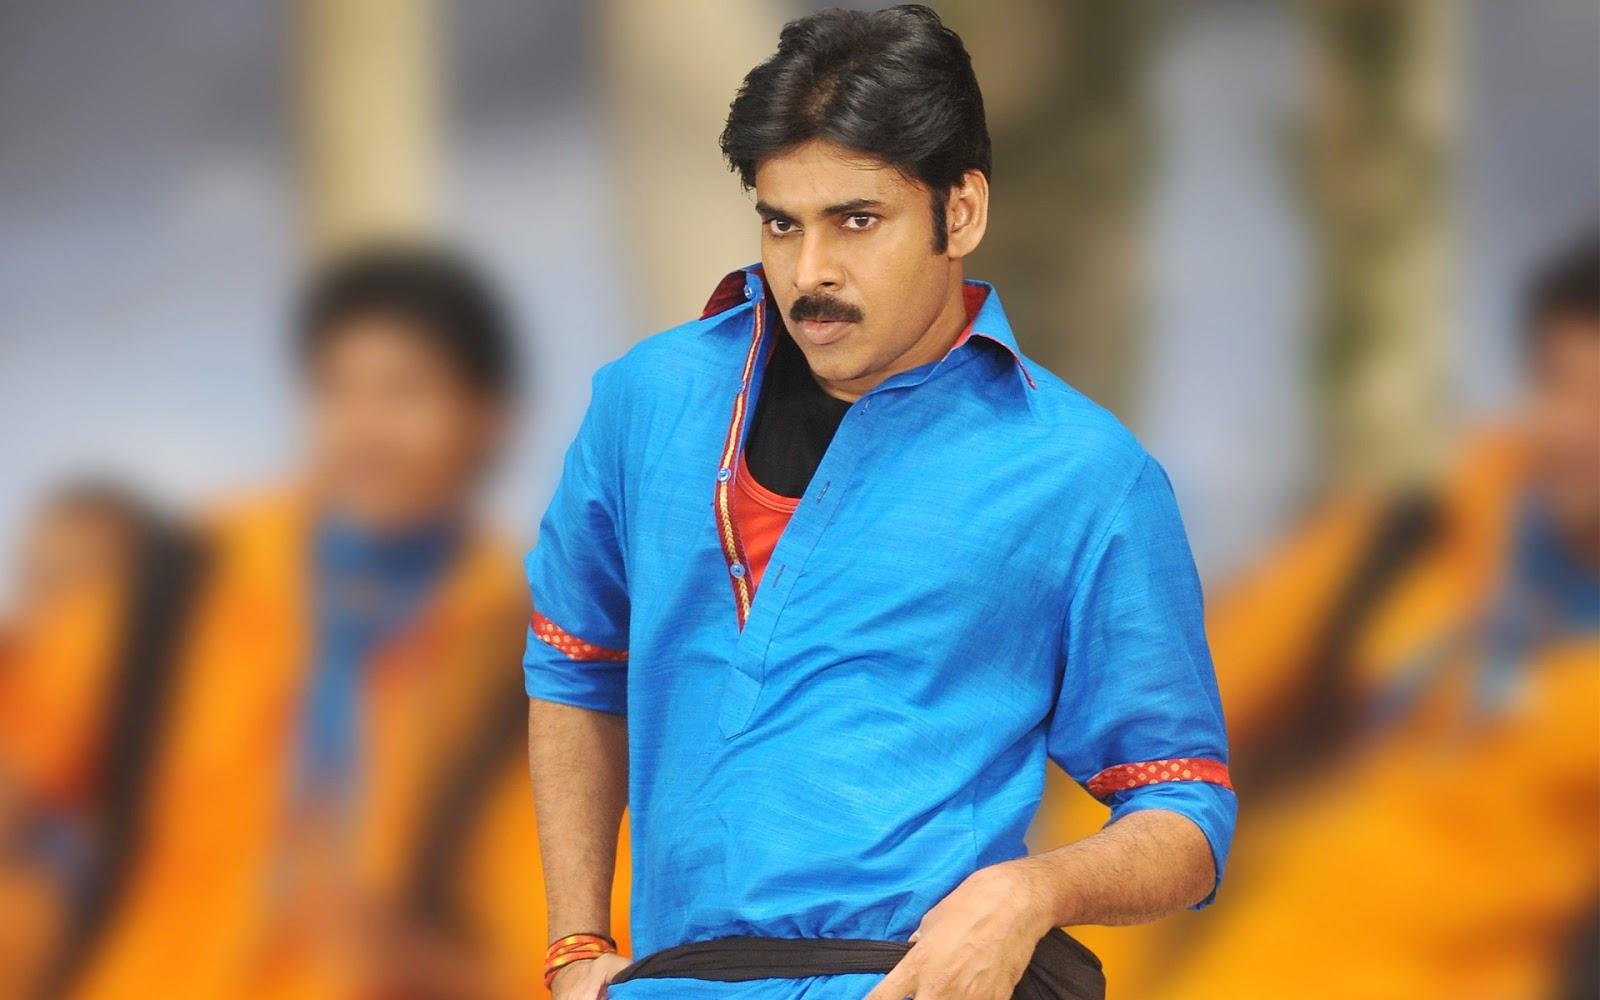 Pawan Kalyan Indian Telugu Actor Movie Posters Wallpapers Download